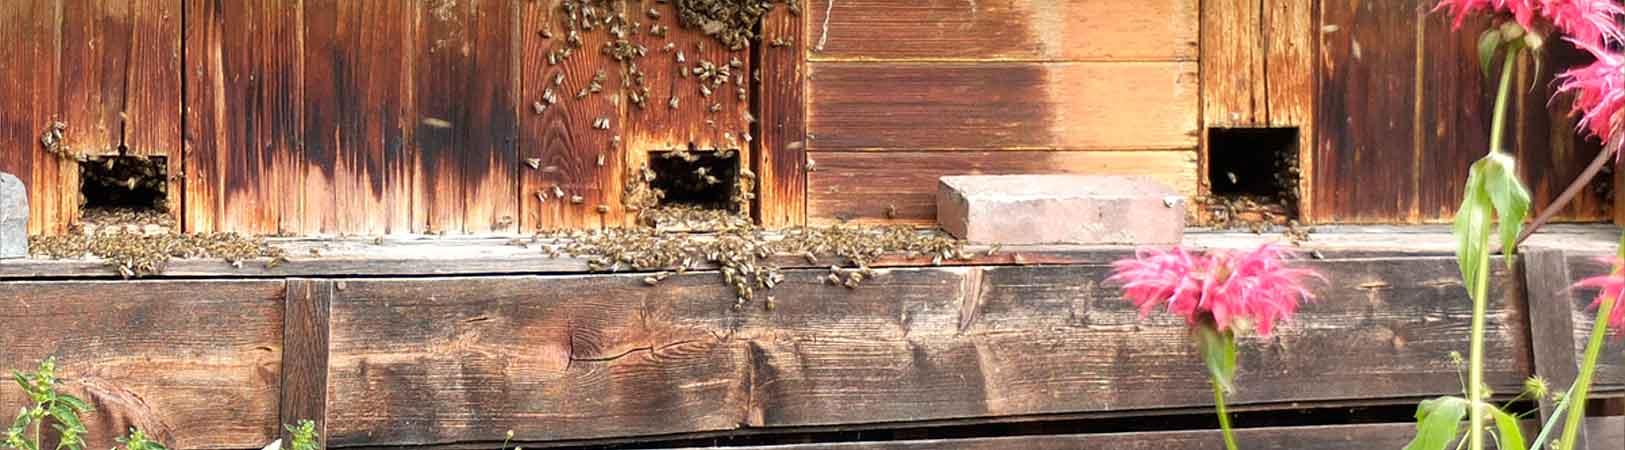 Bienen pflegen